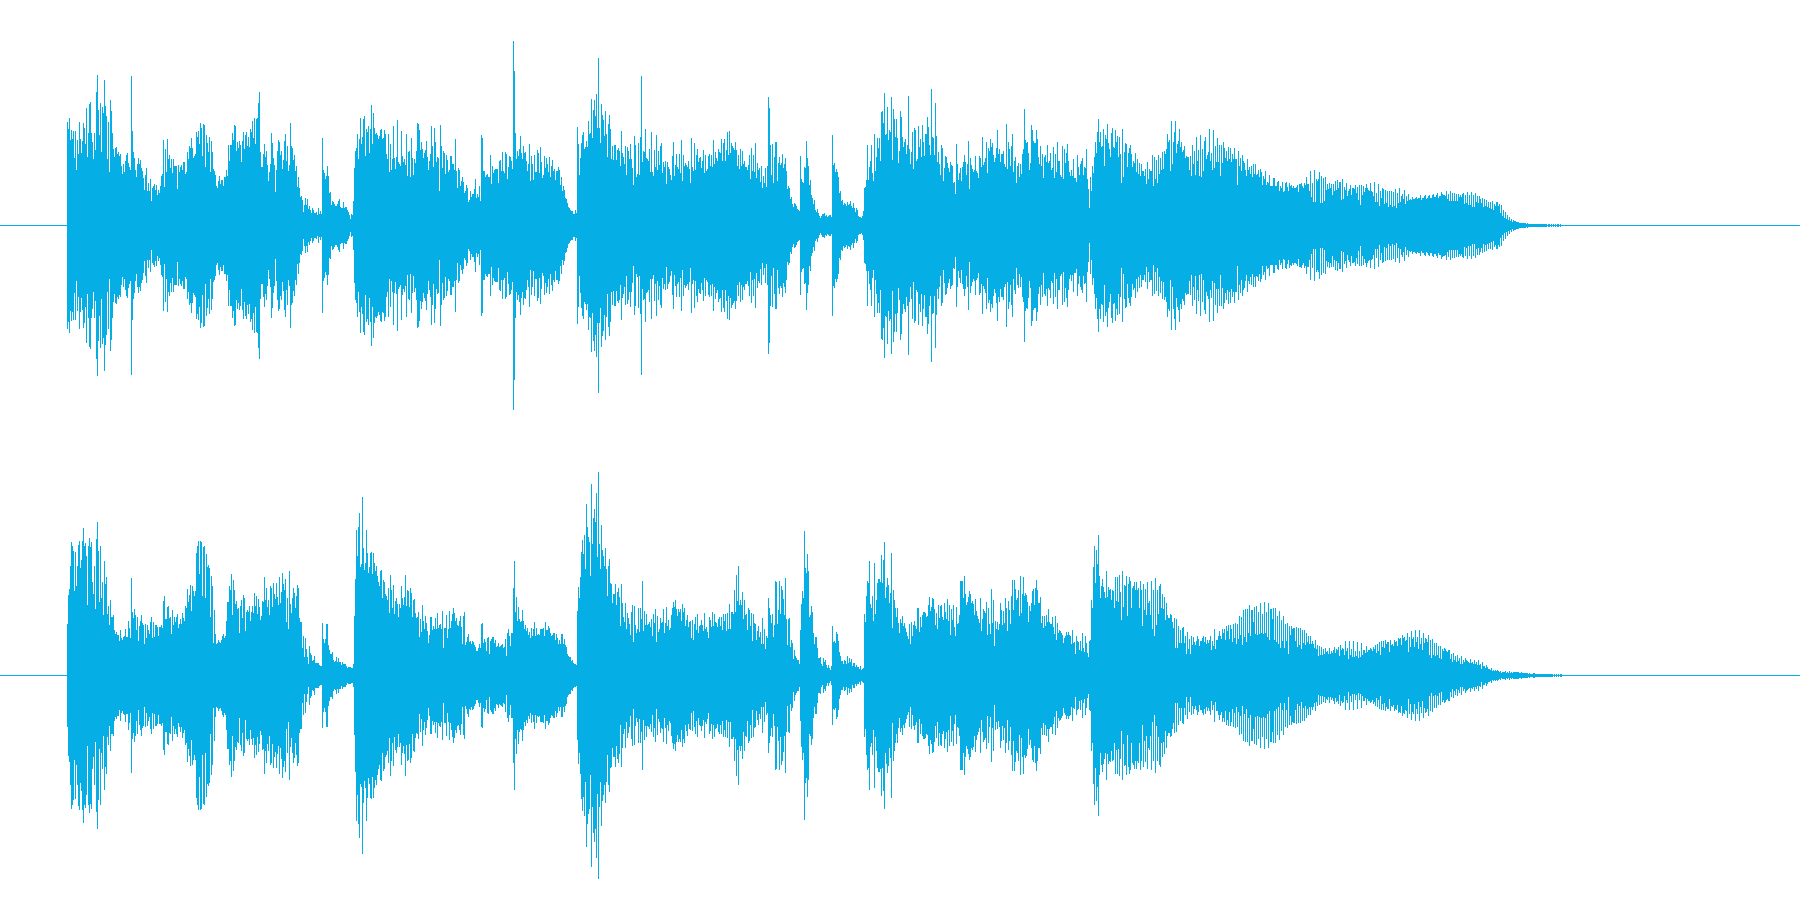 篭った音色の優しいミュージックの再生済みの波形